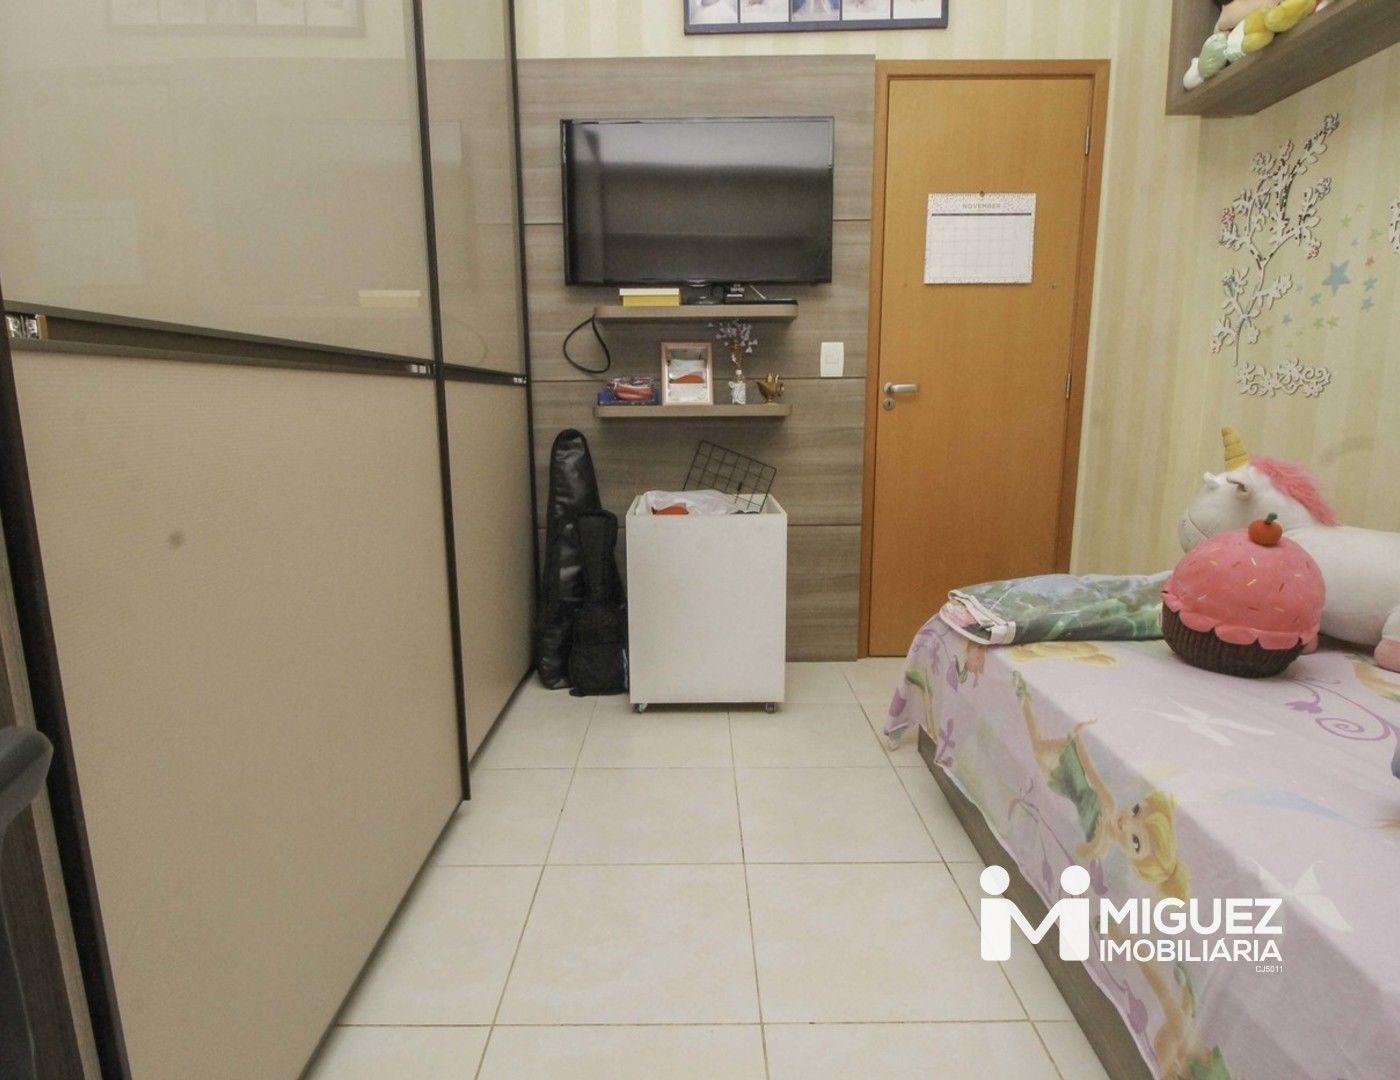 Apartamento, venda, Rua Professor Gabiso - Maracanã , Rio de janeiro